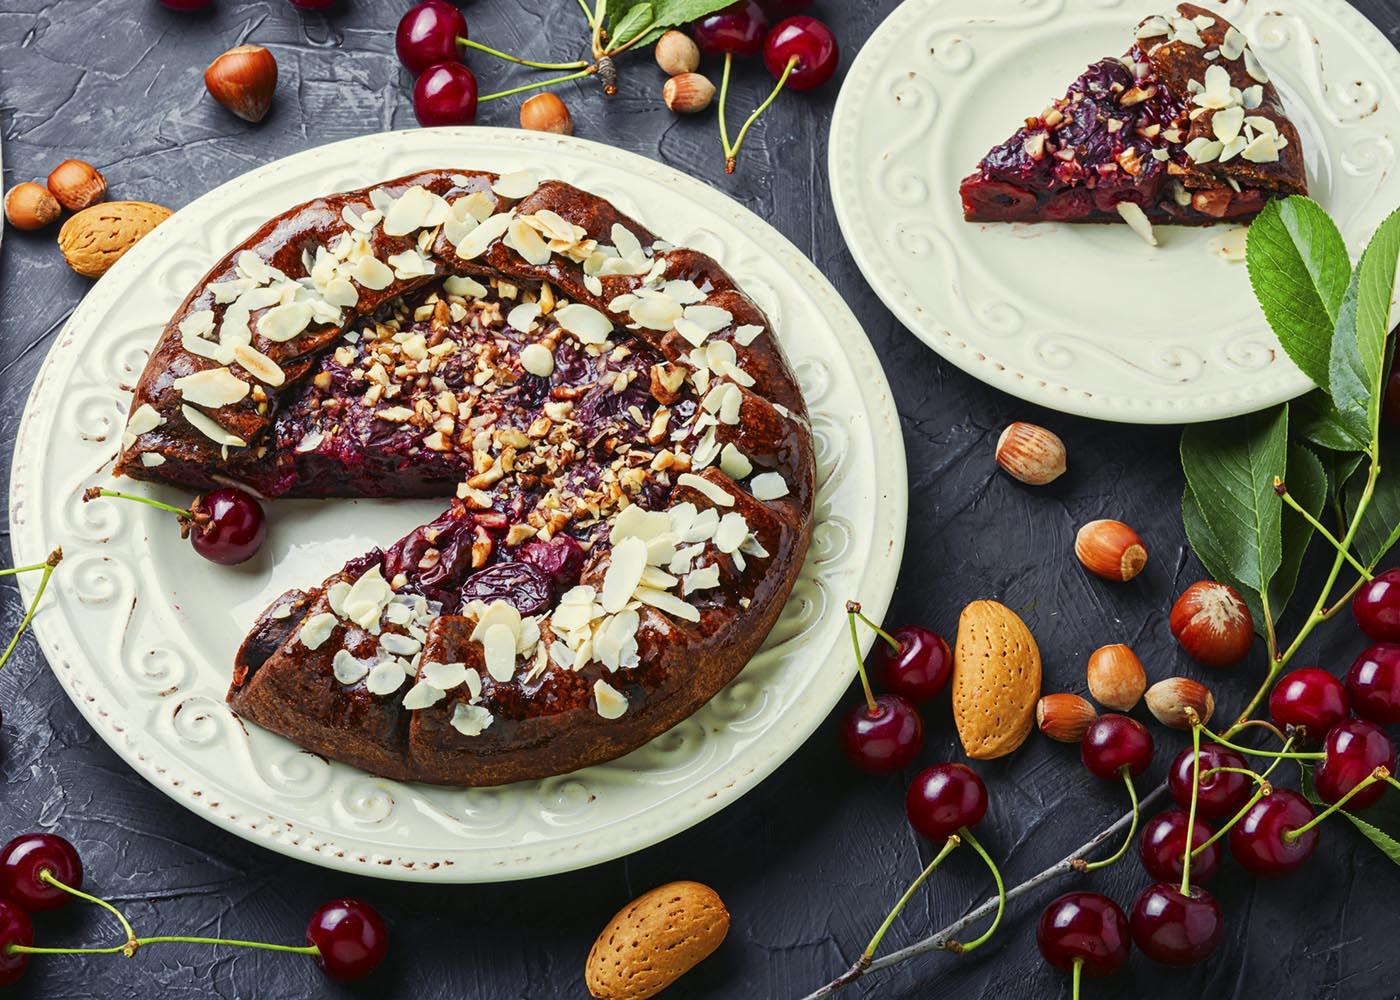 Tarte de cereja com chocolate enfeitada